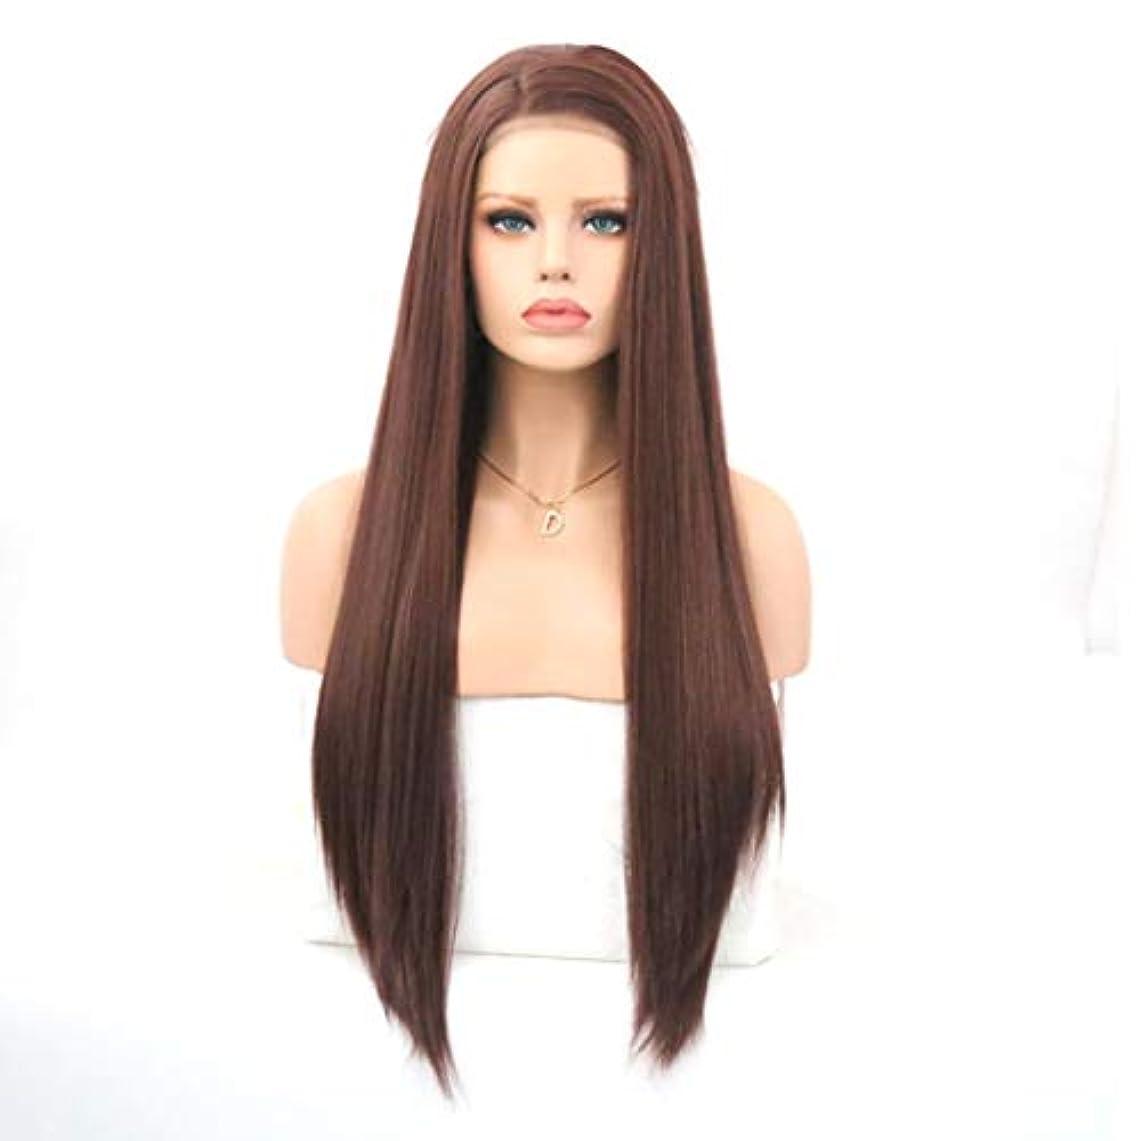 気分が良い枢機卿提供されたKerwinner 茶色のフロントレース化学繊維かつらヘッドギア高温シルクロングストレートウィッグ女性用 (Size : 22 inches)